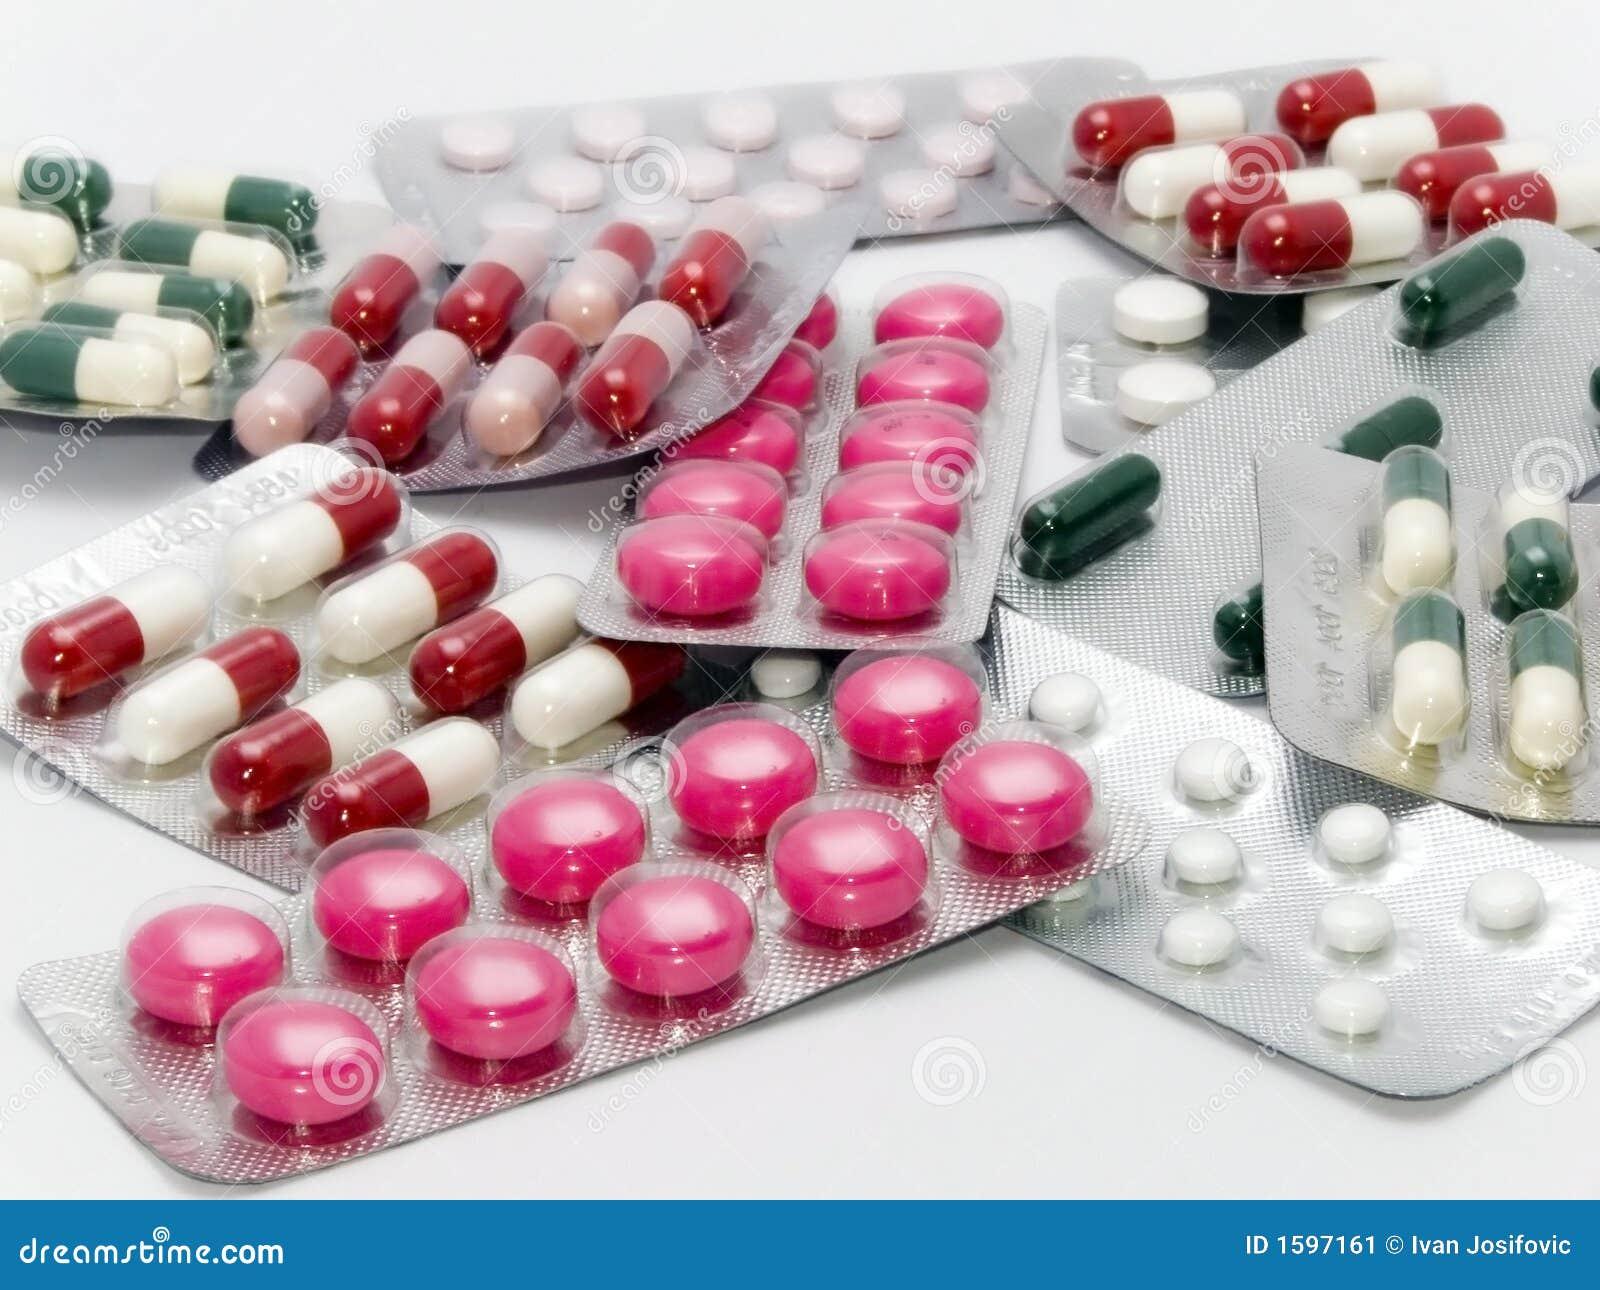 таблетки от головокружения бетасерк цена